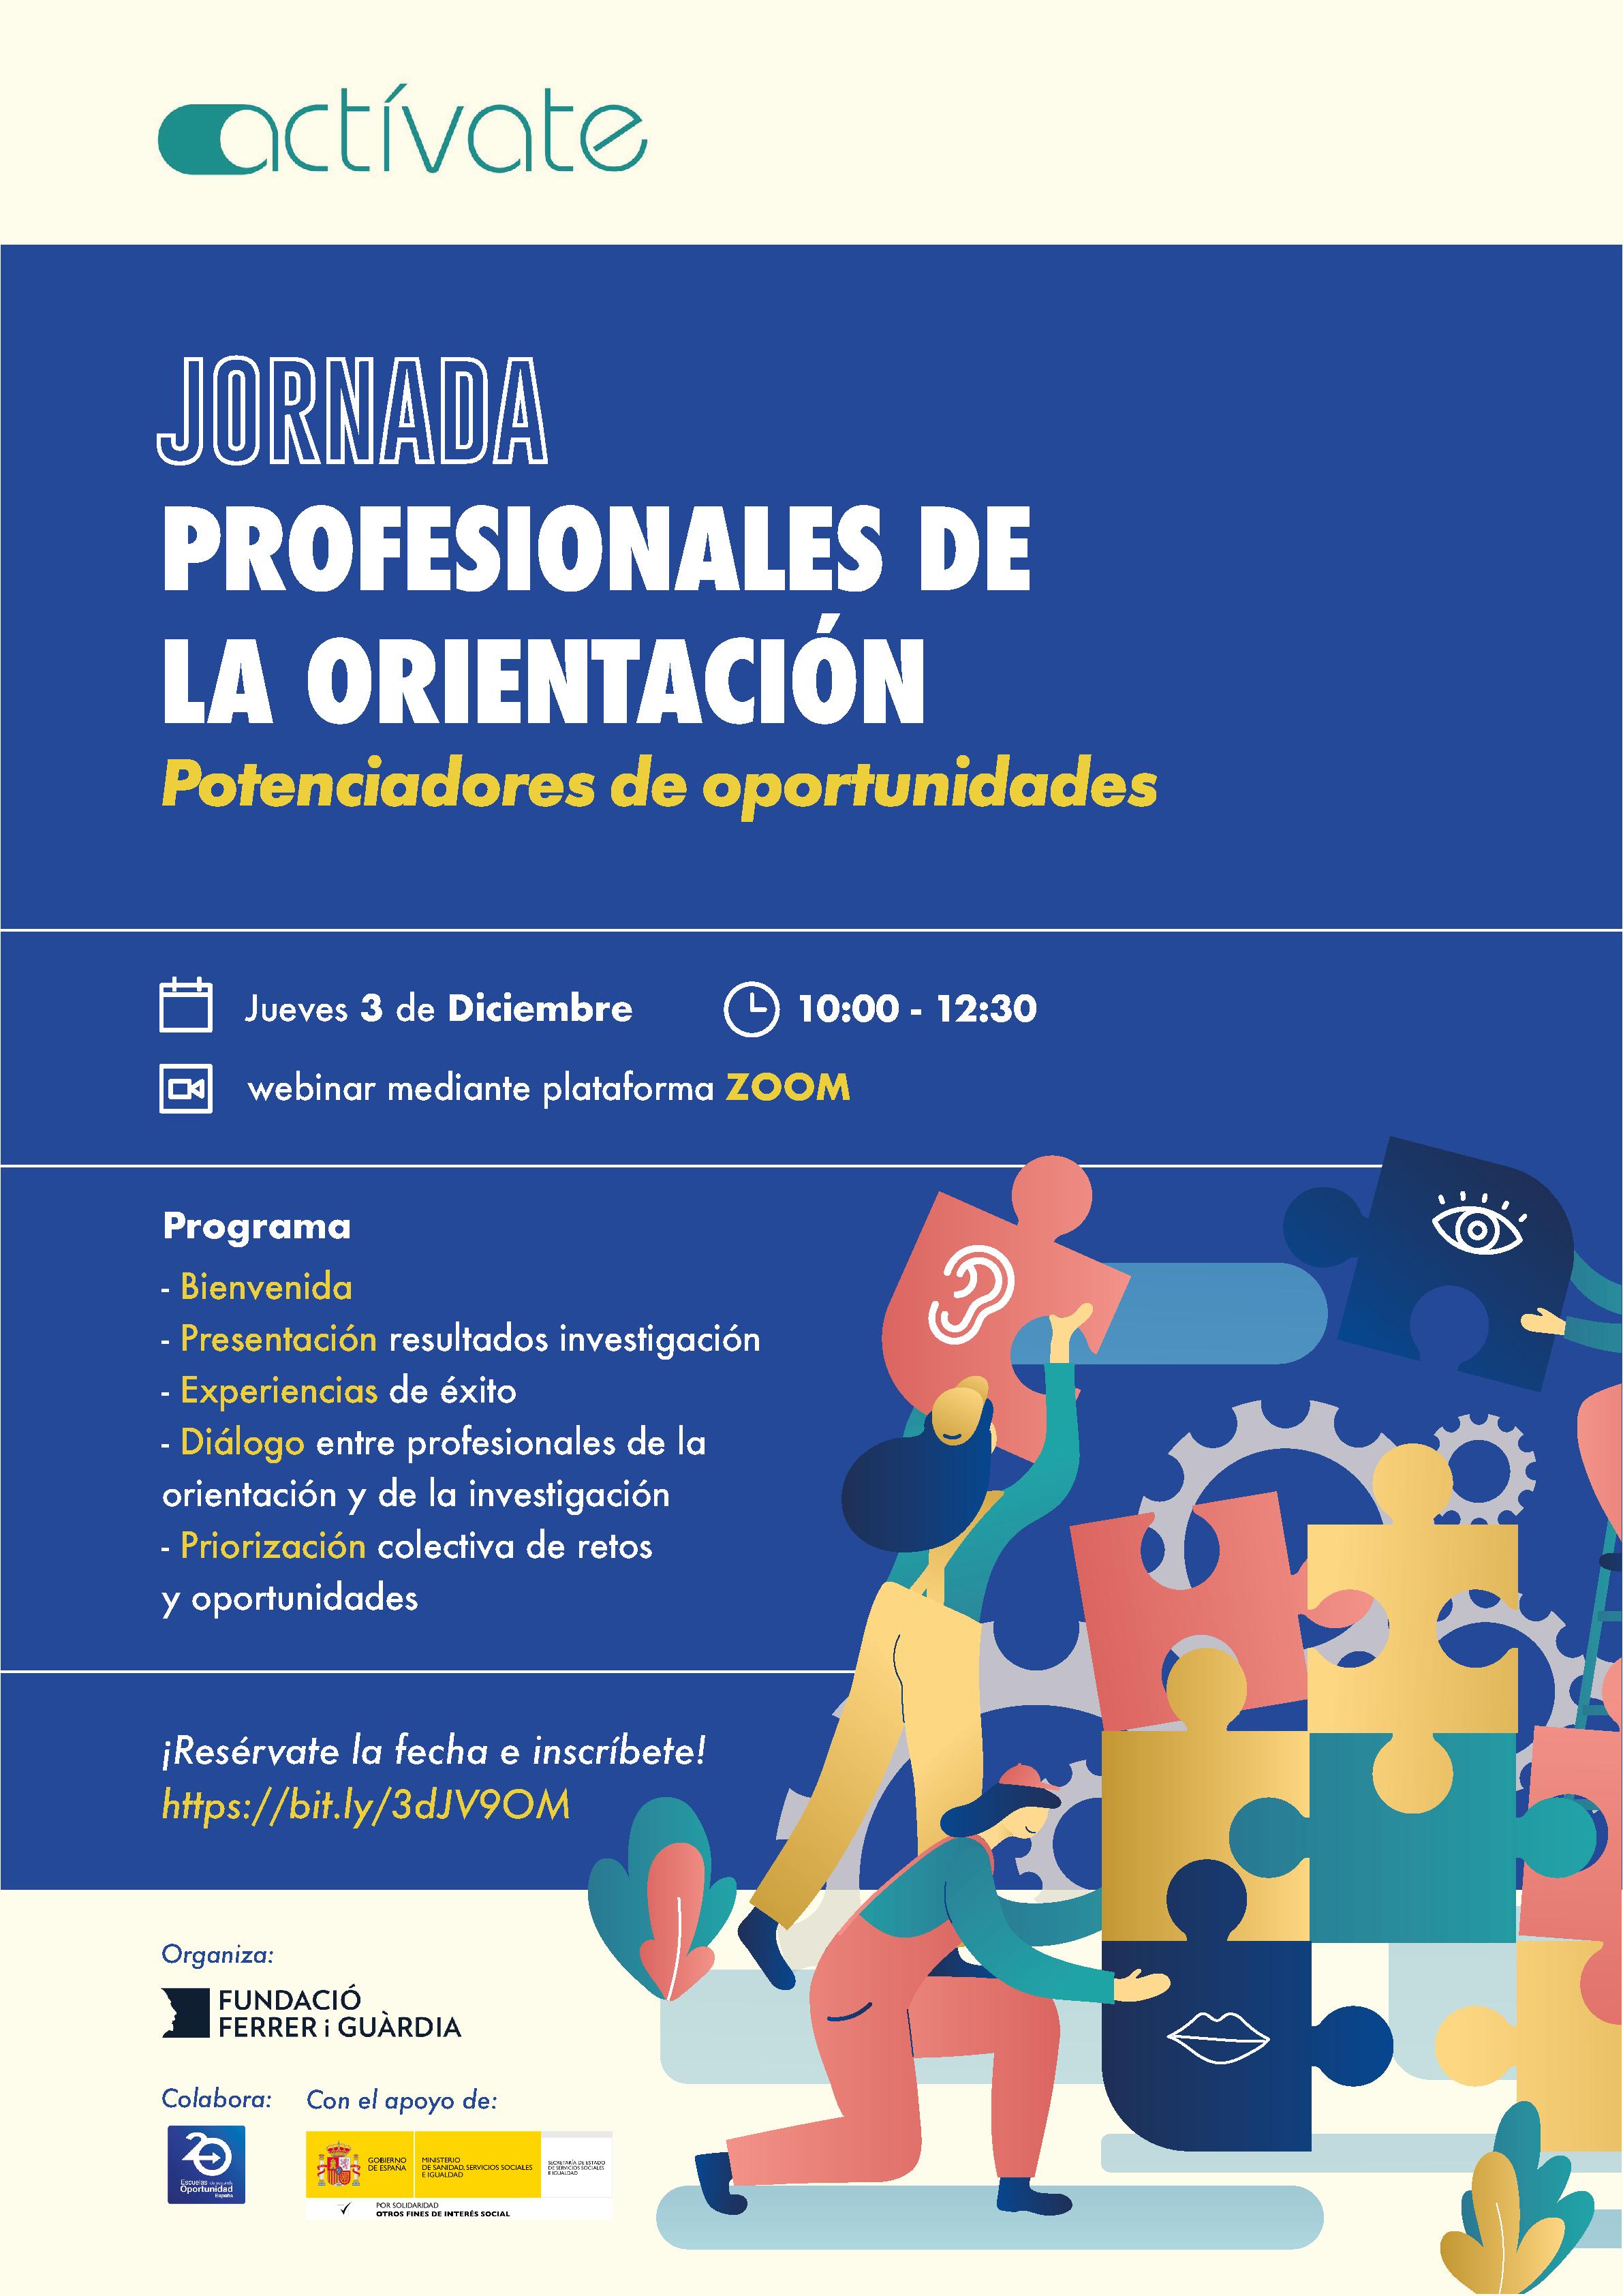 Jornada Actívate 2020: Profesionales de la orientación: potenciadores de oportunidades @ Evento online